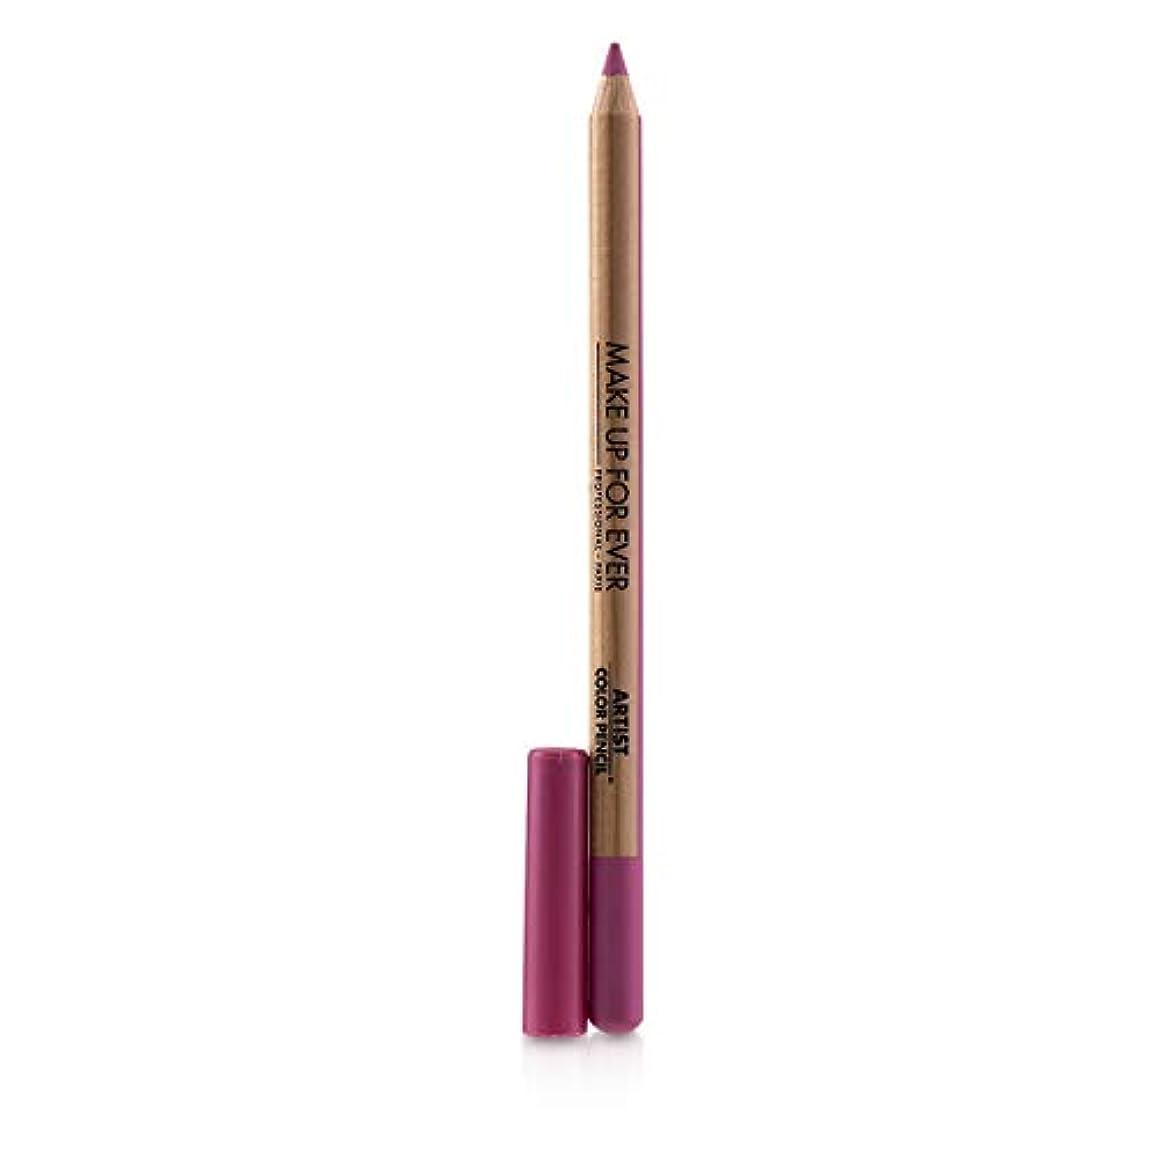 変形勝つ北メイクアップフォーエバー Artist Color Pencil - # 804 No Boundaries Blush 1.41g/0.04oz並行輸入品